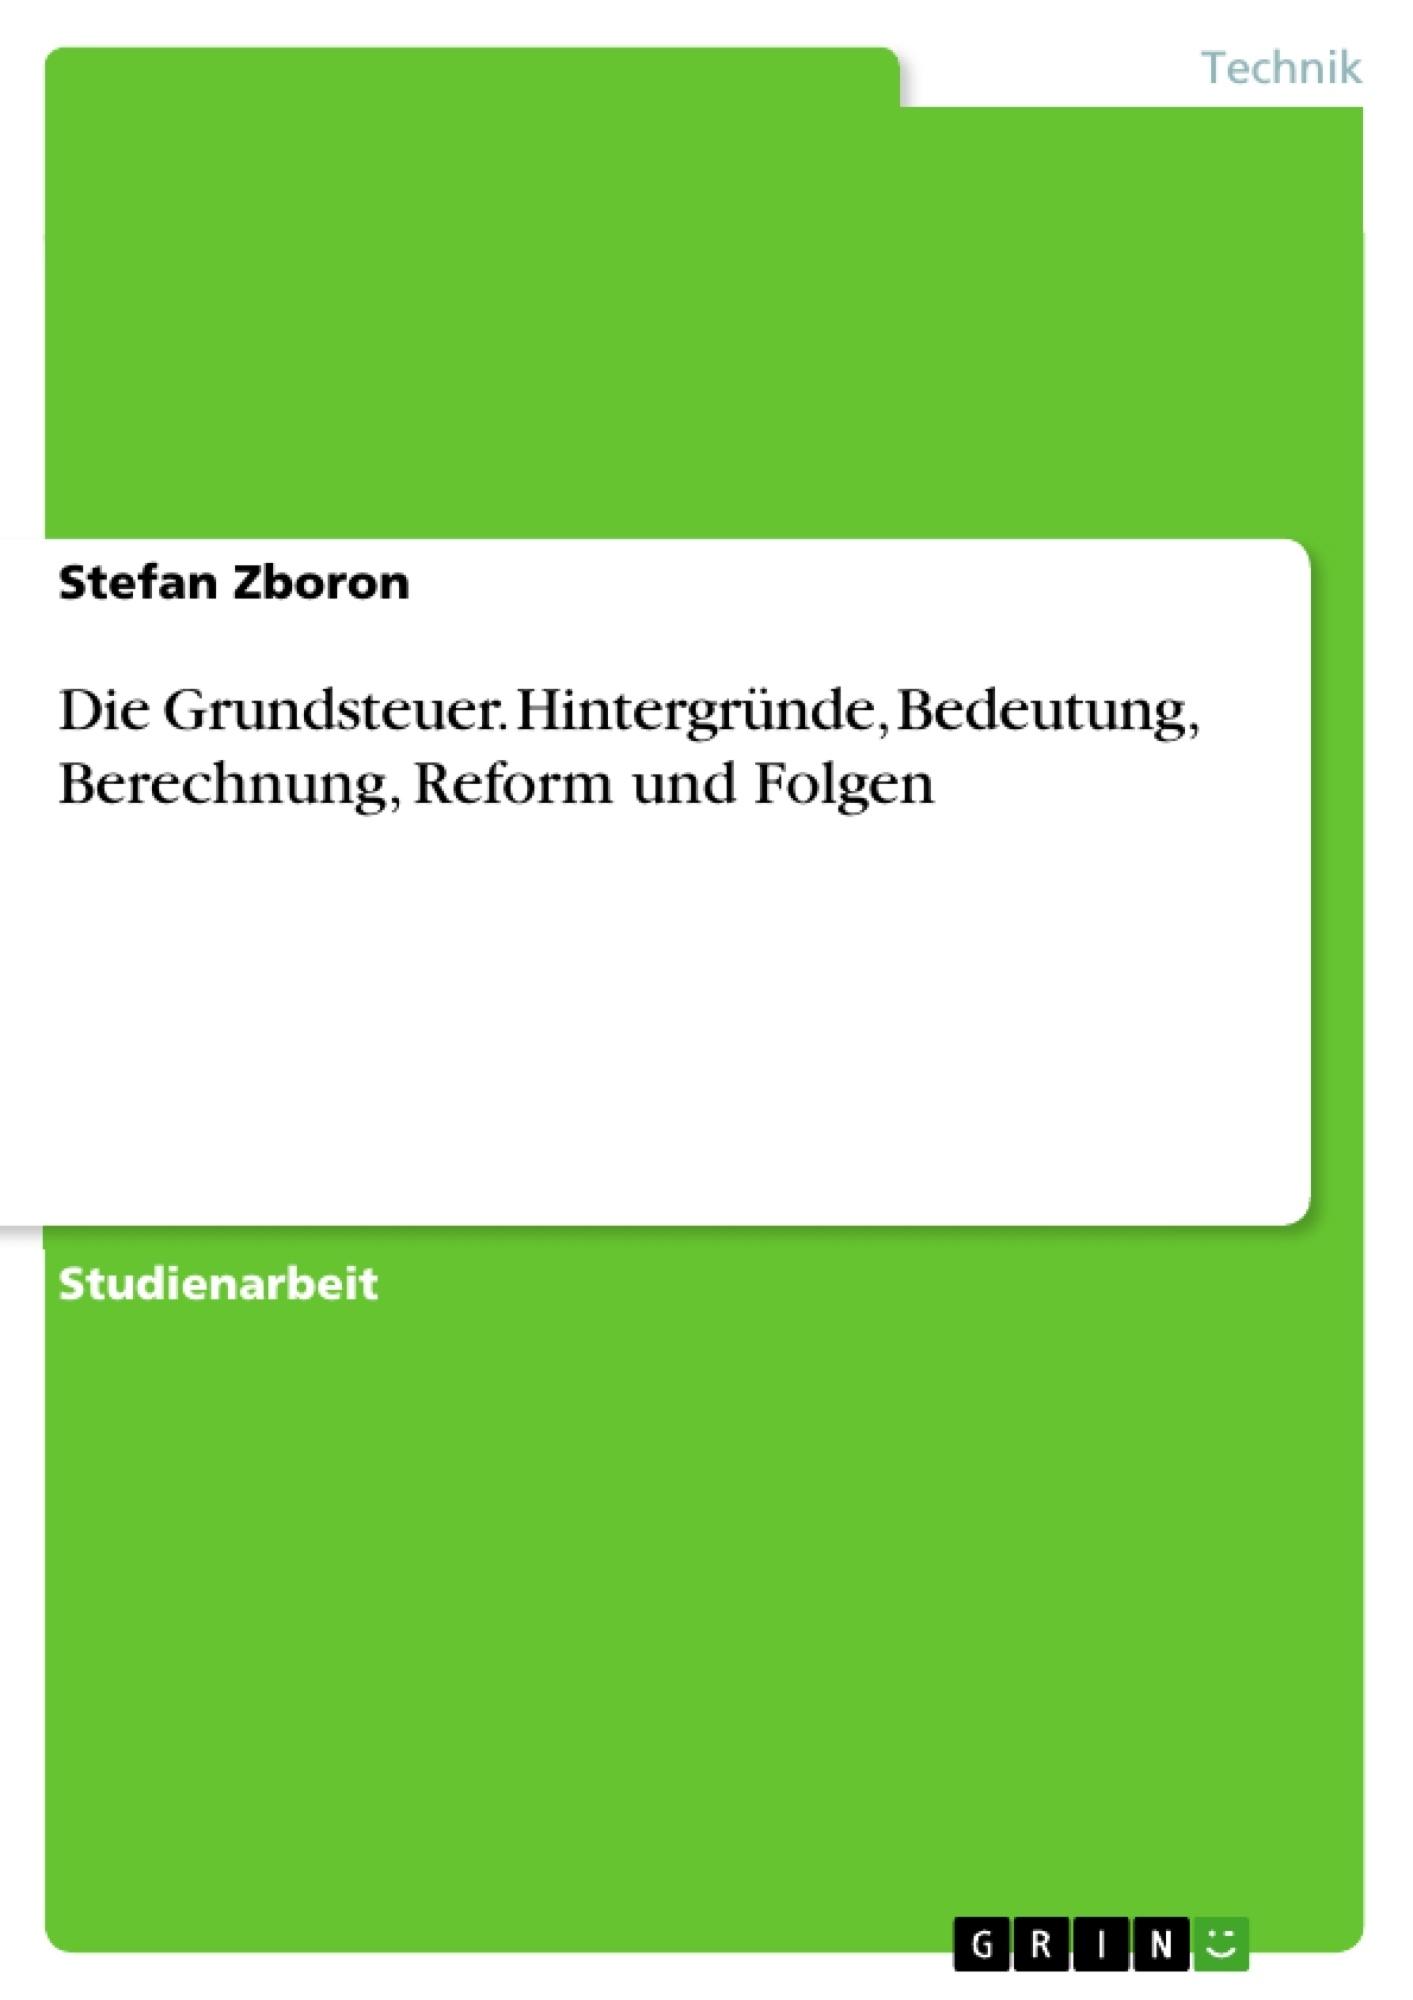 Titel: Die Grundsteuer. Hintergründe, Bedeutung, Berechnung, Reform und Folgen